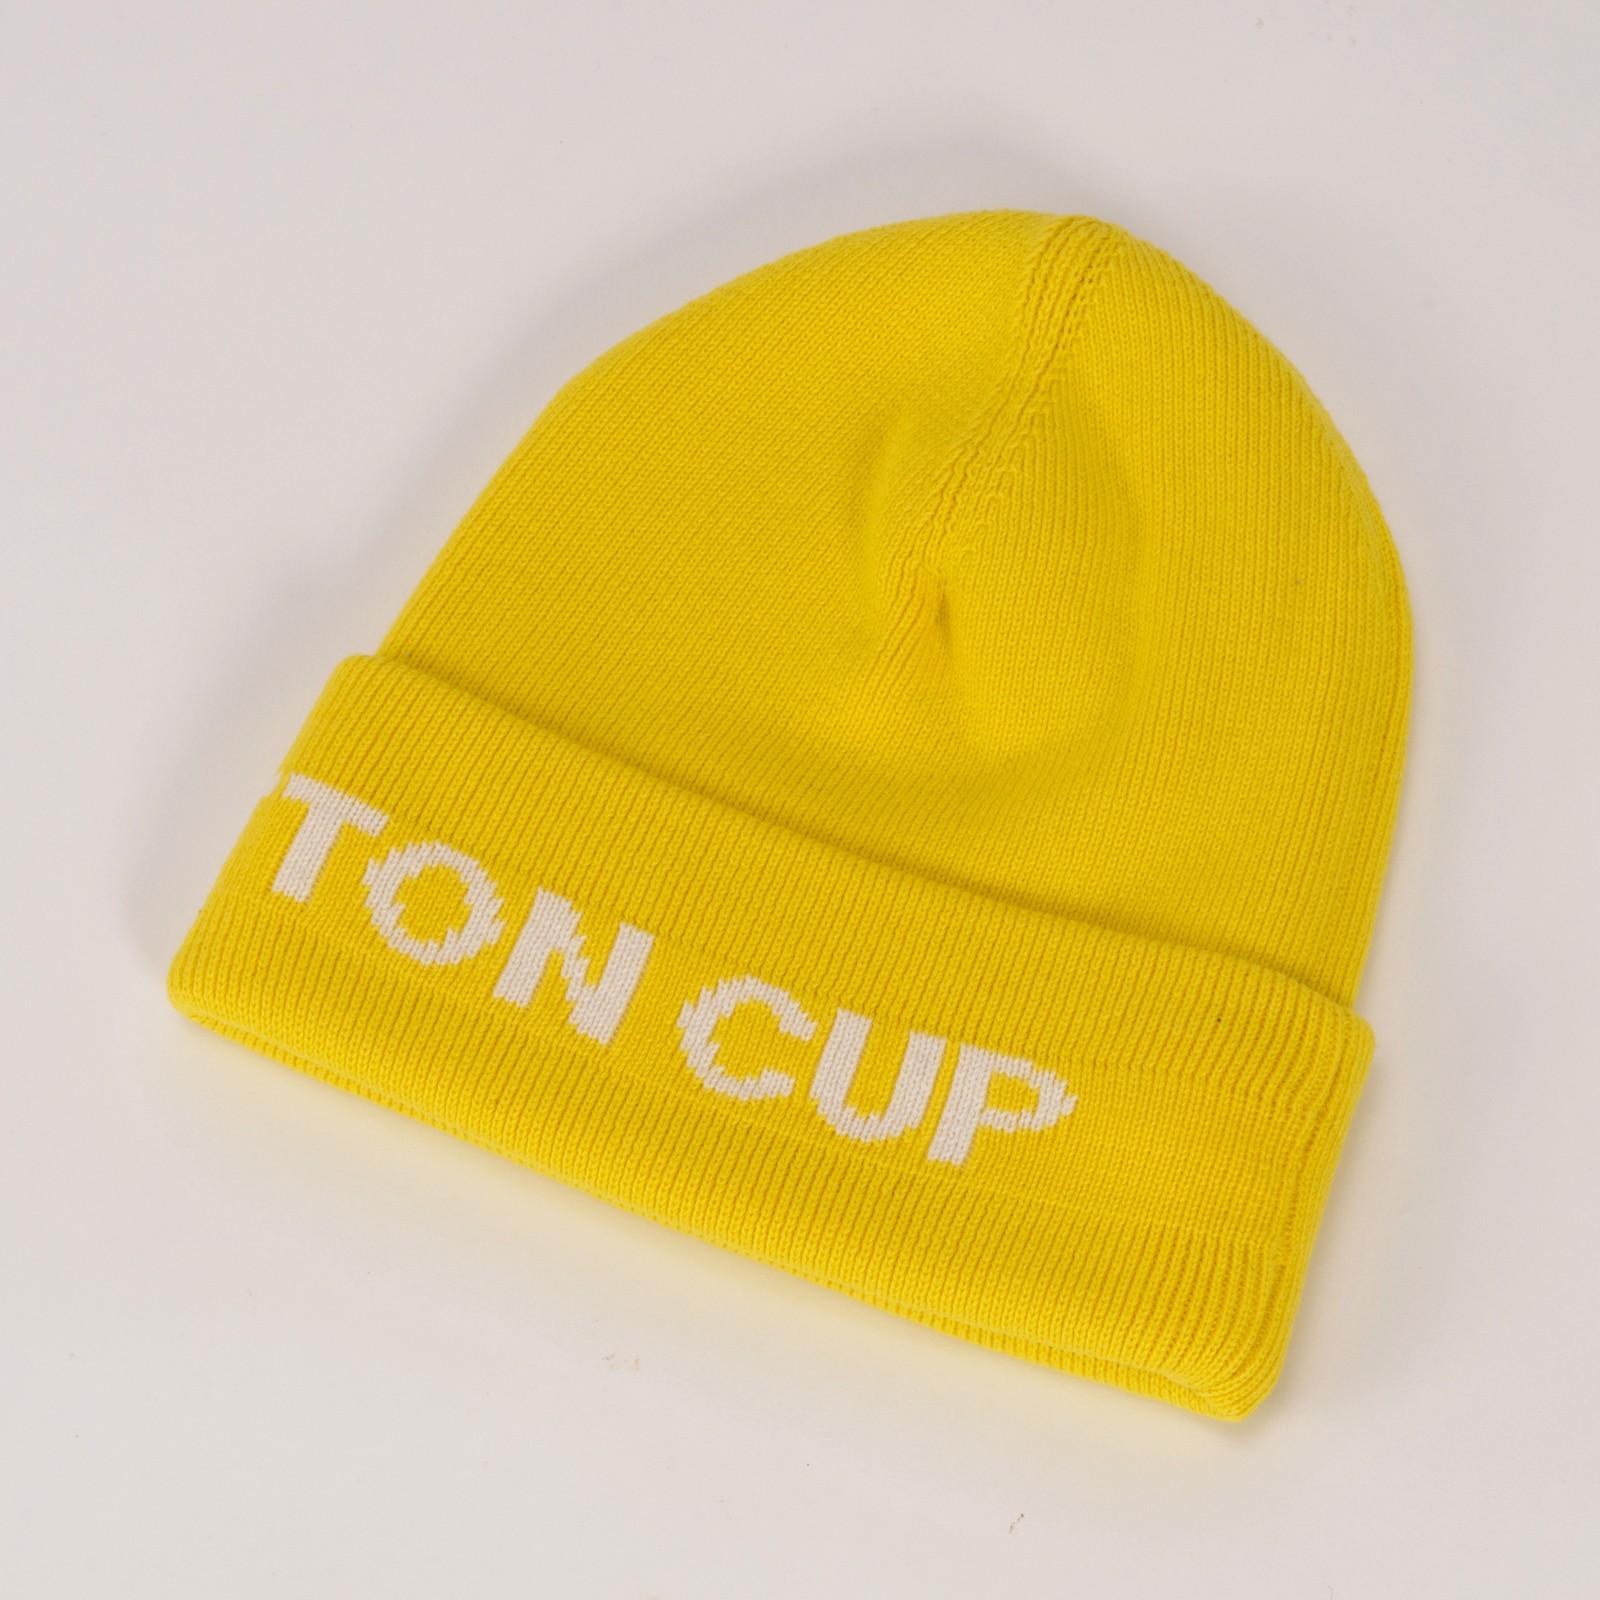 【中古】本物未使用L/V CUP2003の黄色いニット帽 コットン100% TUフリーサイズ ○D8-129-1